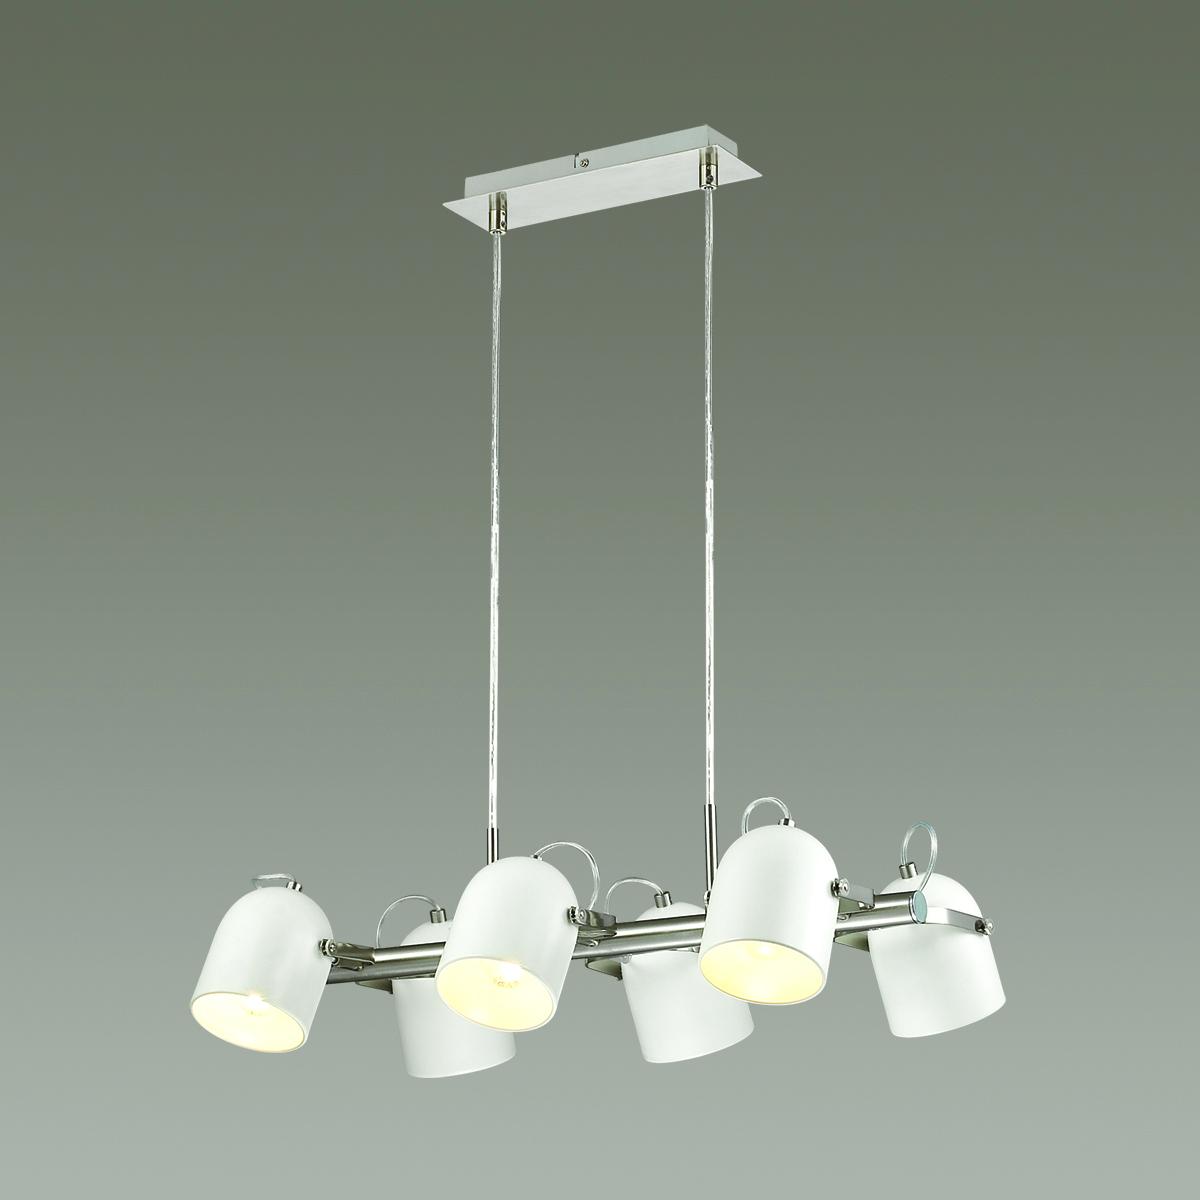 Подвесная люстра с регулировкой направления света Lumion Arudis 3592/6, 6xE27x60W, никель, белый - фото 3